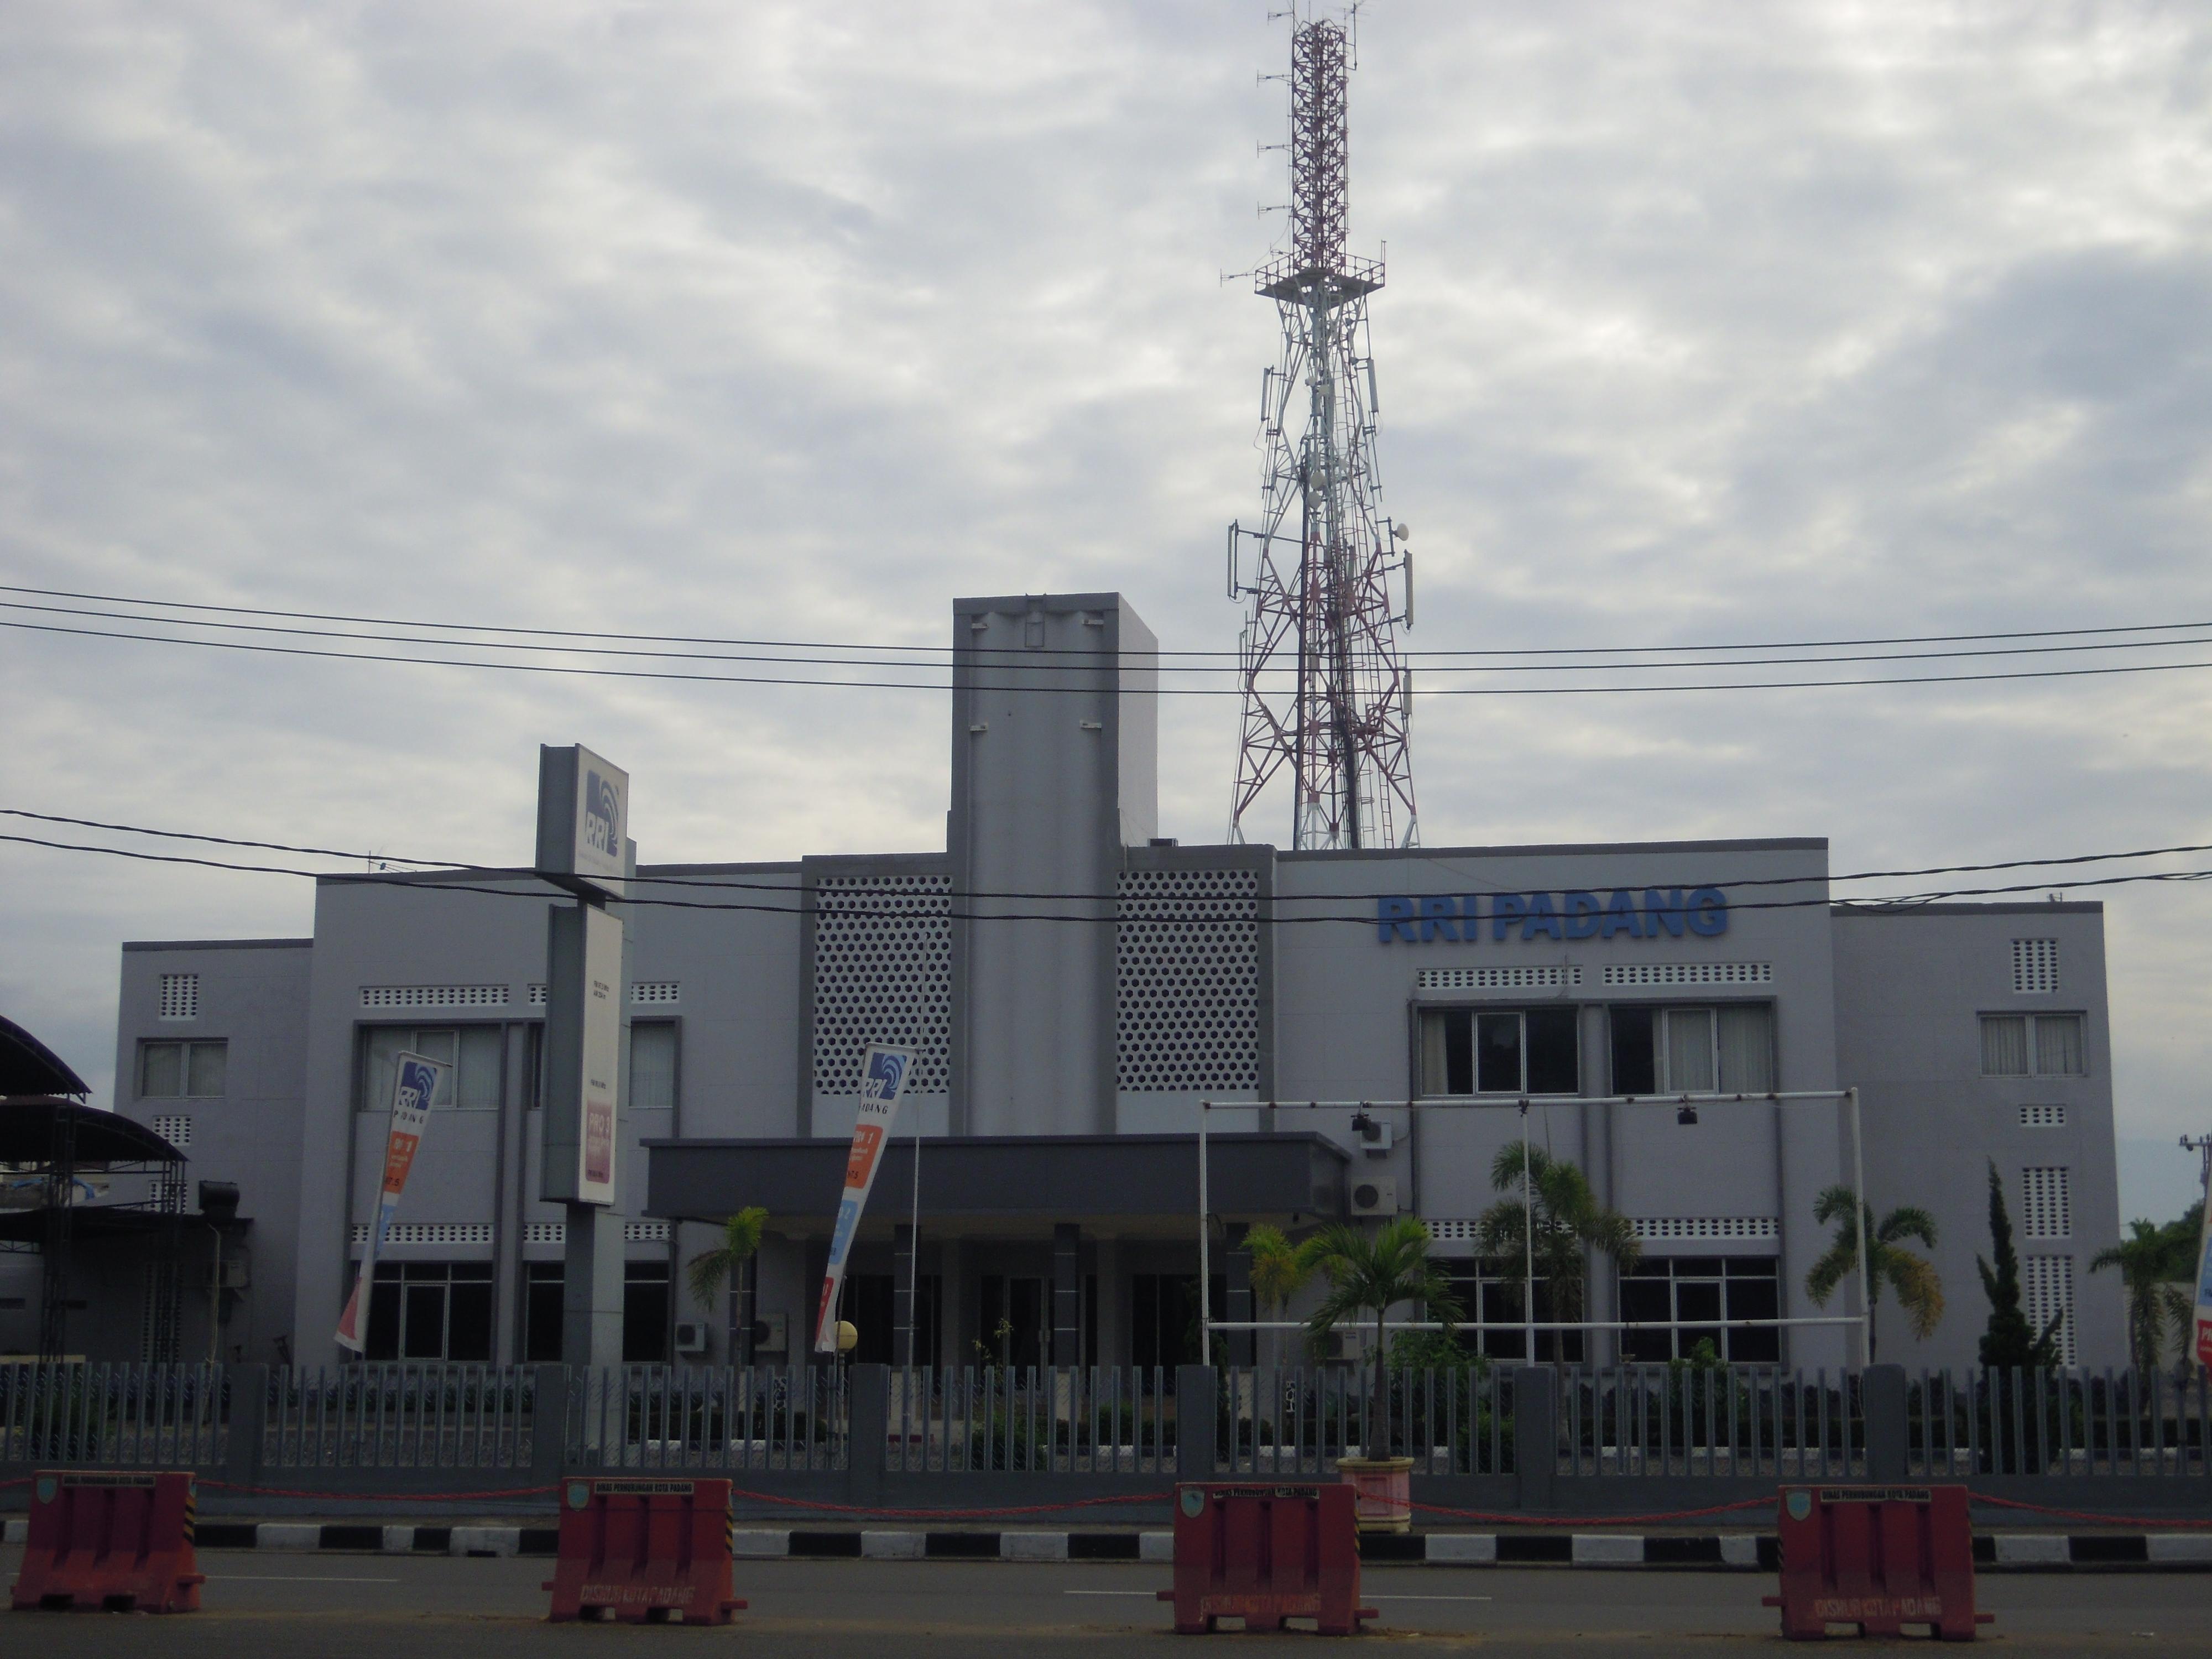 Denah Rumah Sakit Haji Makassar